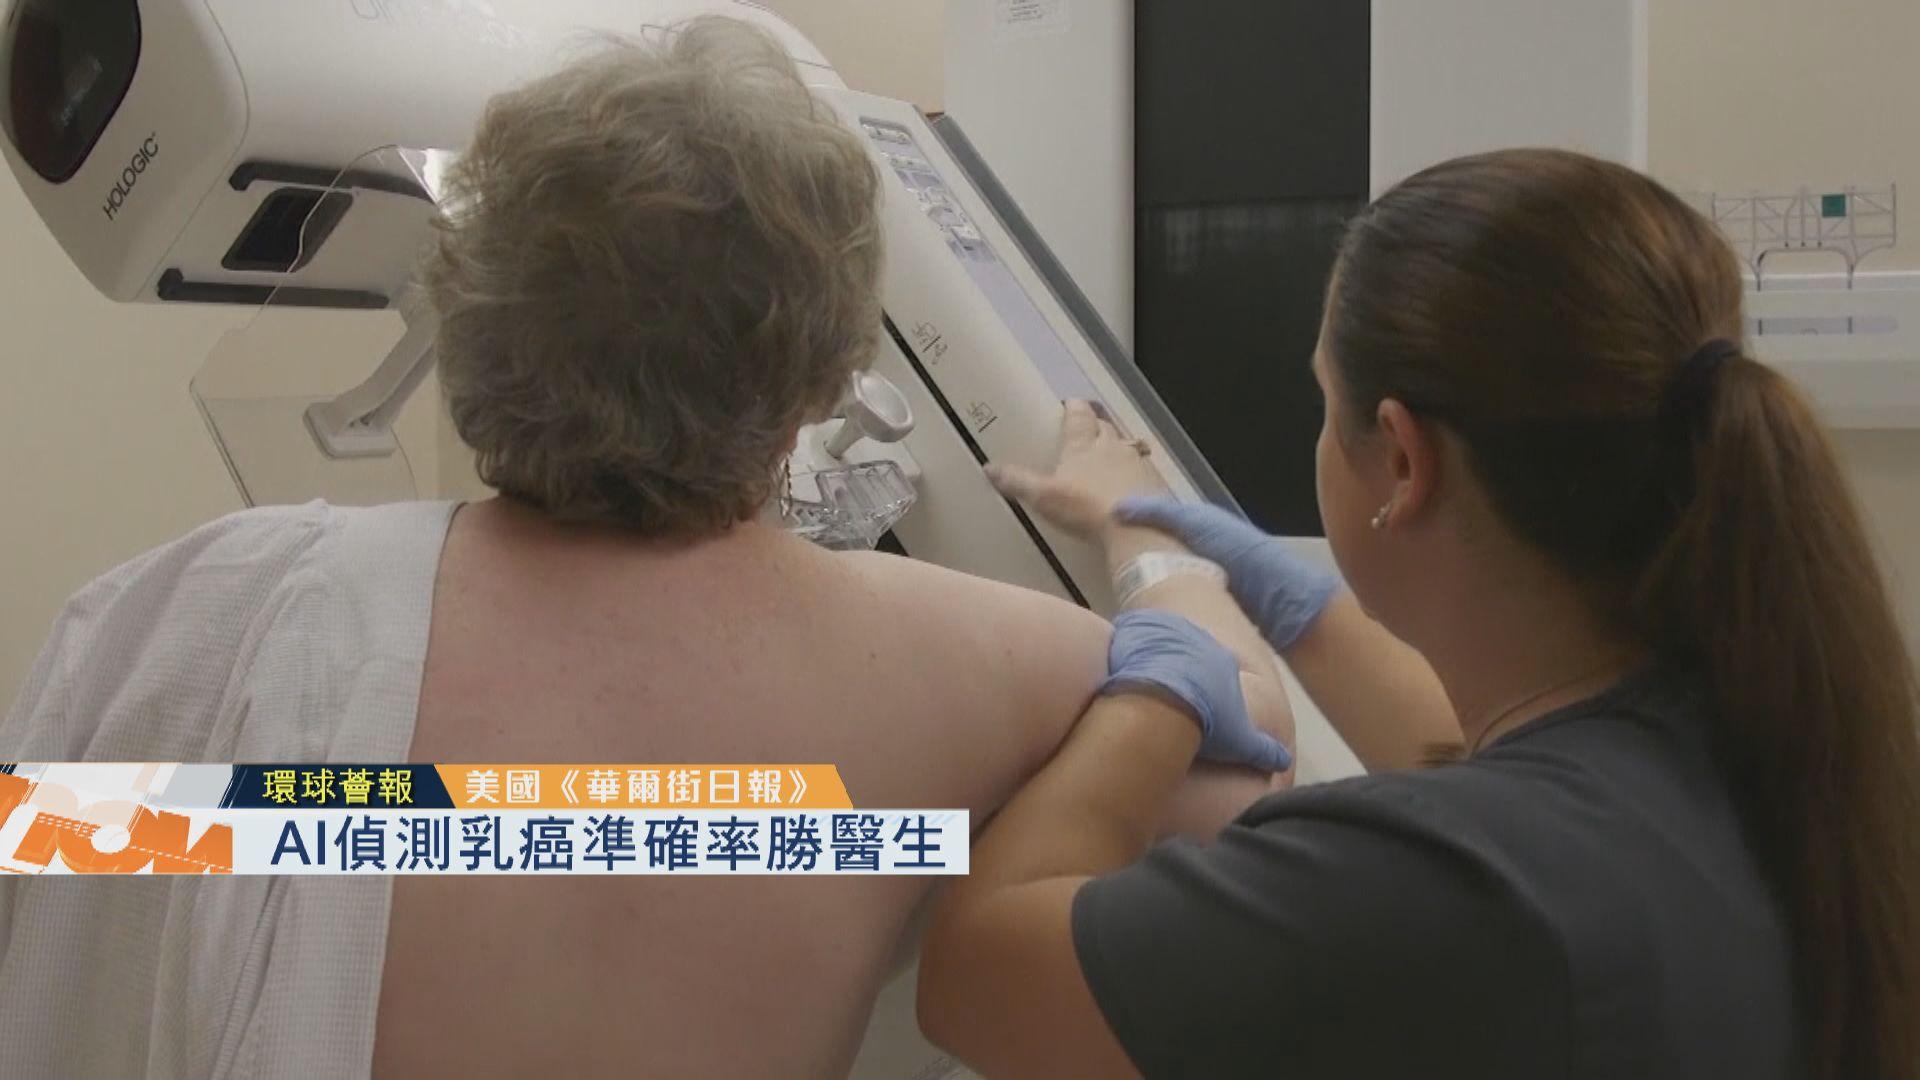 【環球薈報】AI偵測乳癌準確率勝醫生